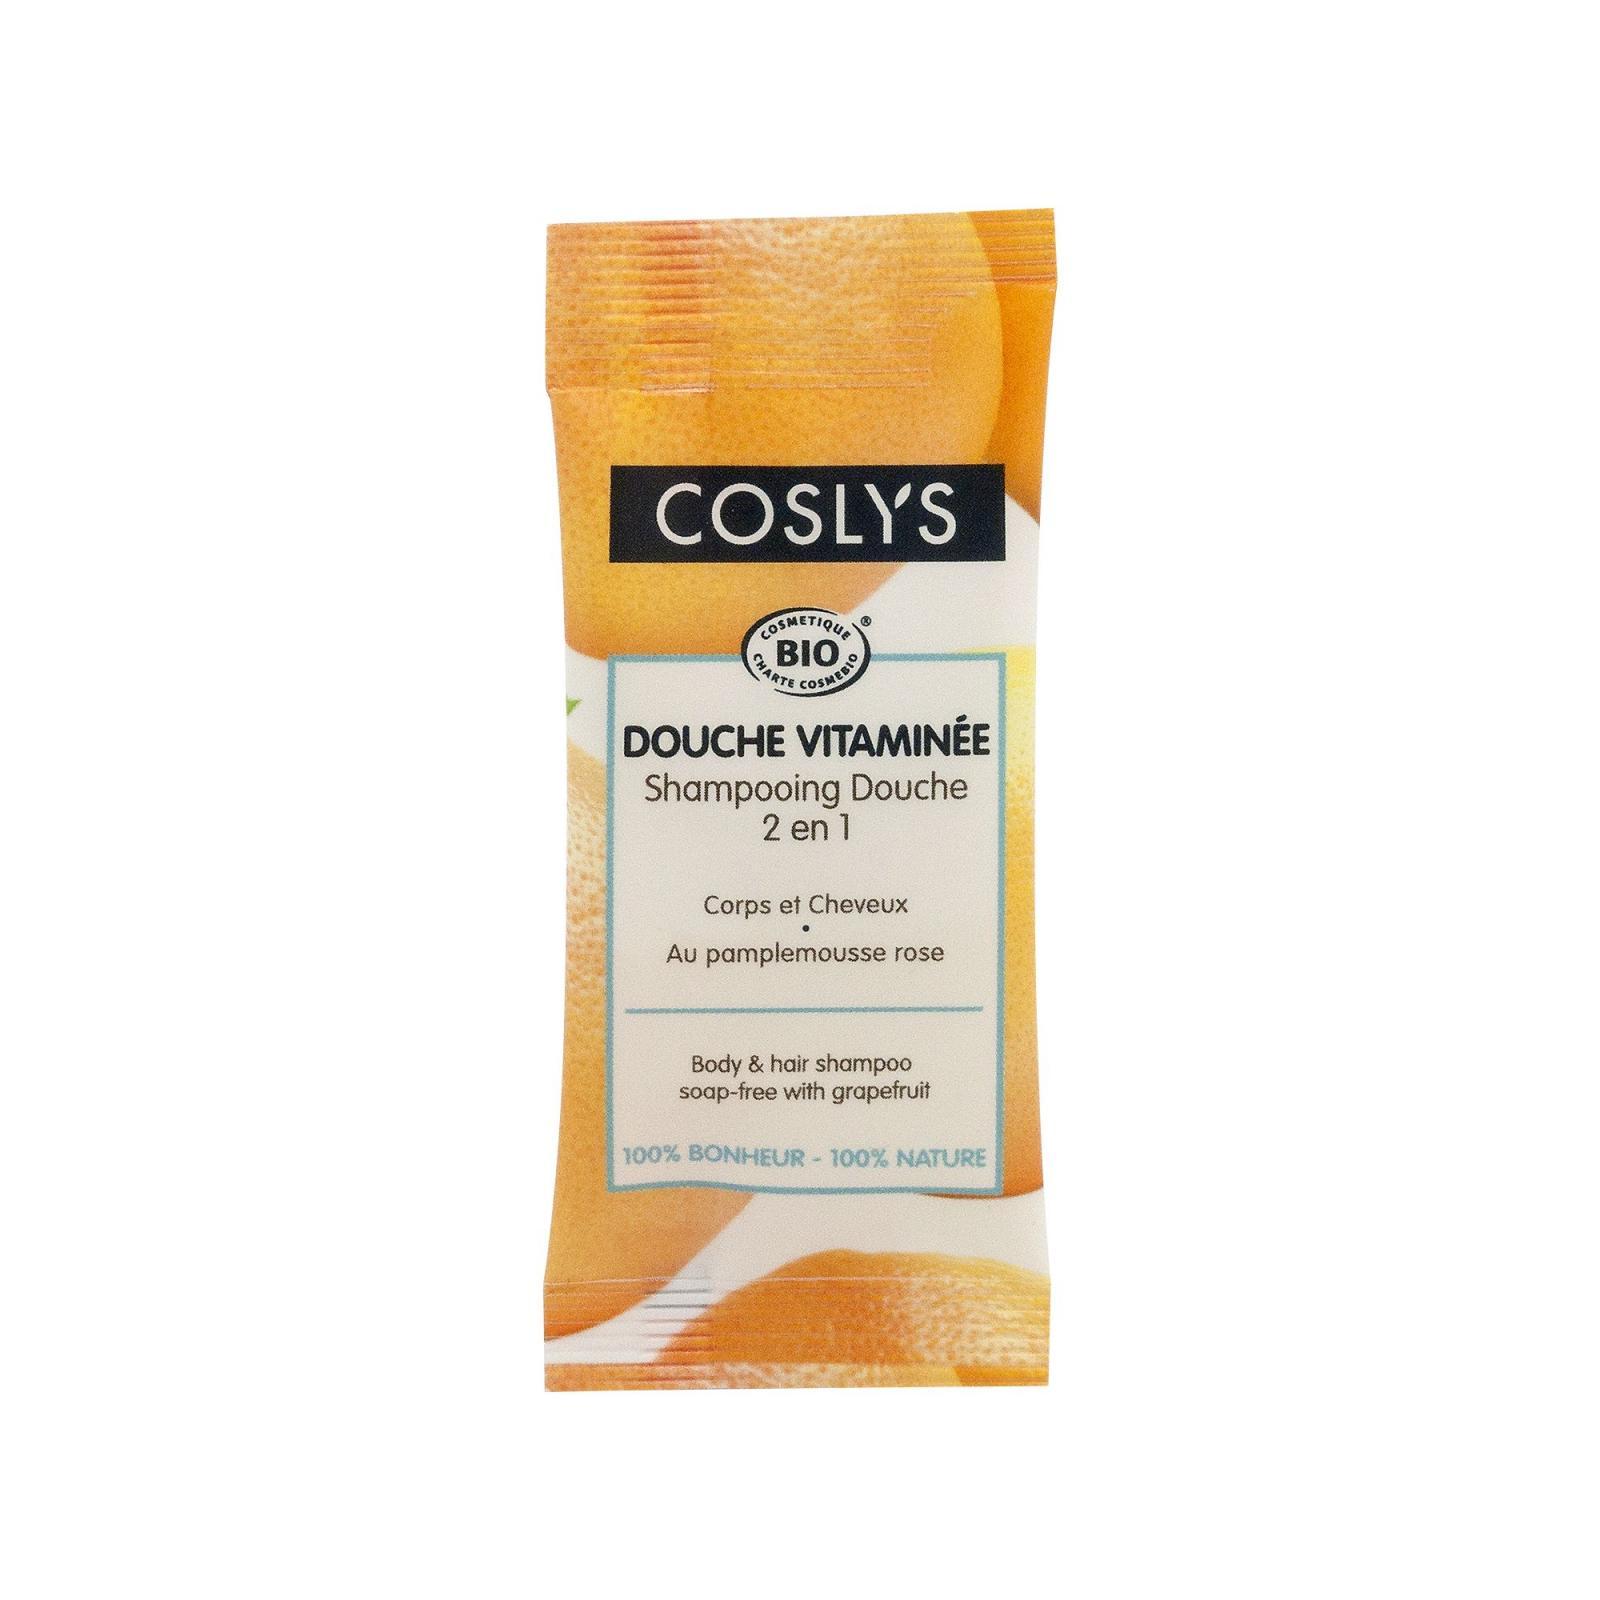 Coslys Sprchový šampon bez mýdla 2 v 1 na vlasy a tělo grep 8 ml